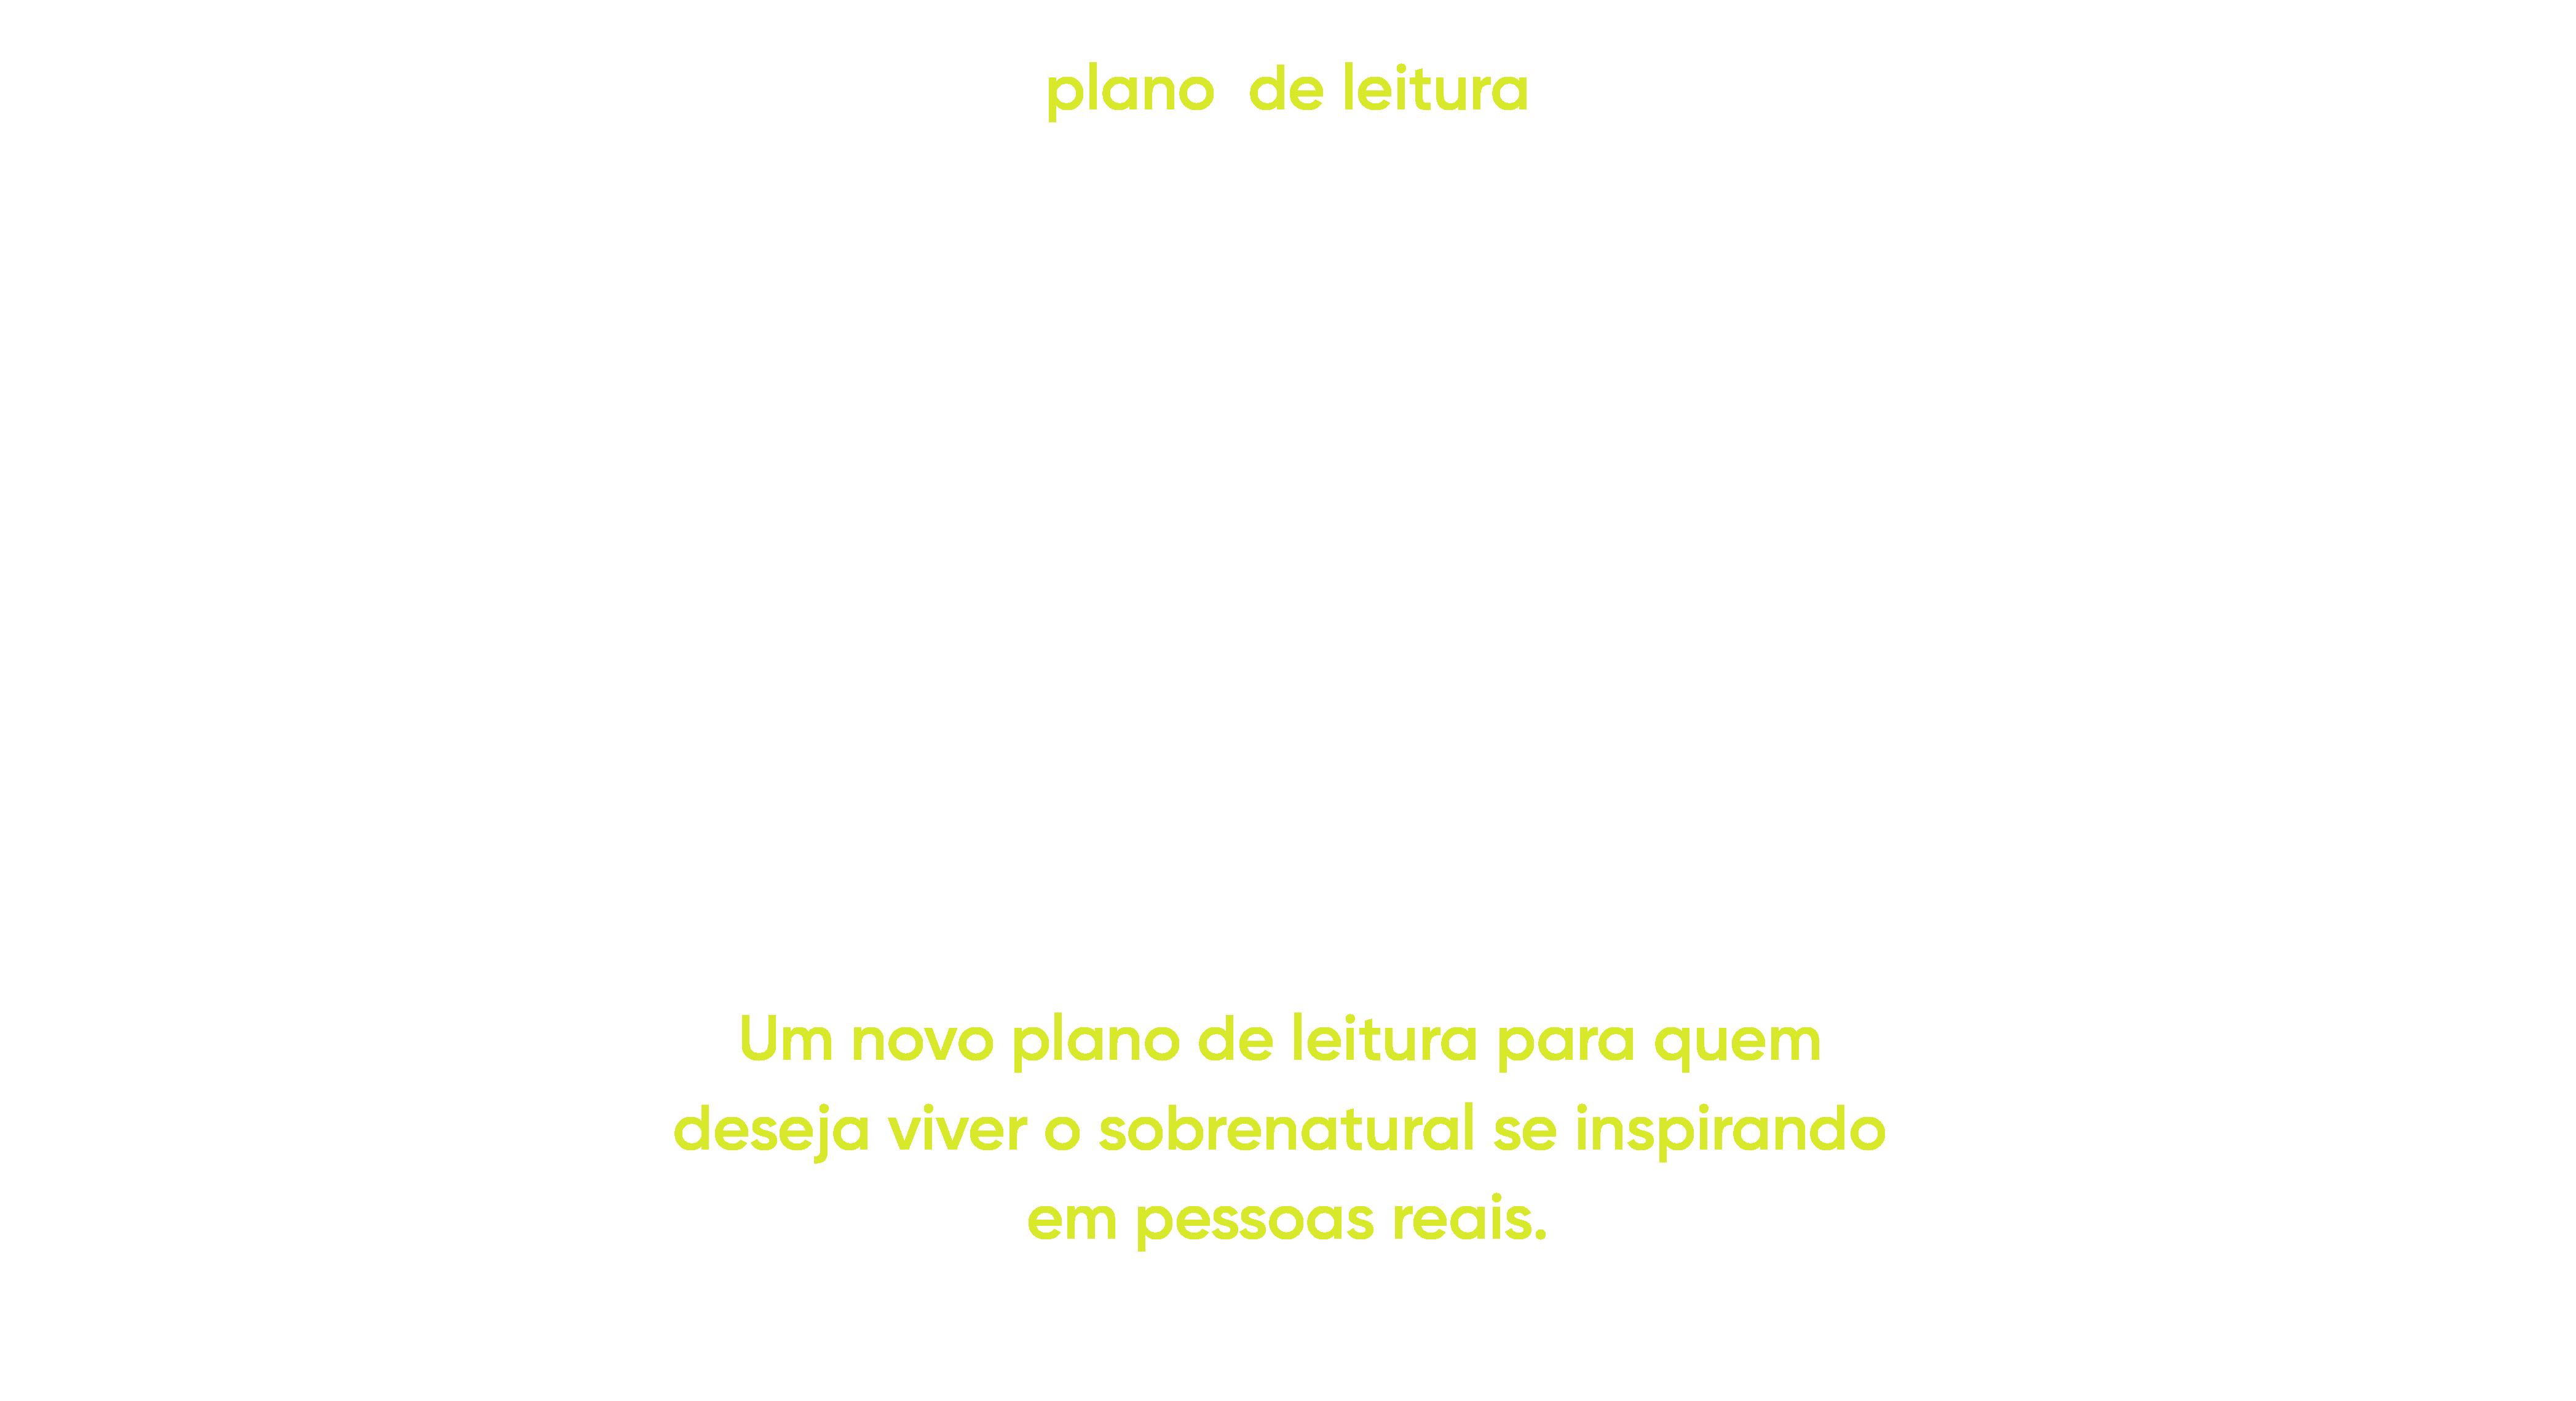 CEN0049-6_gente_como_a_gente_hotsite-02